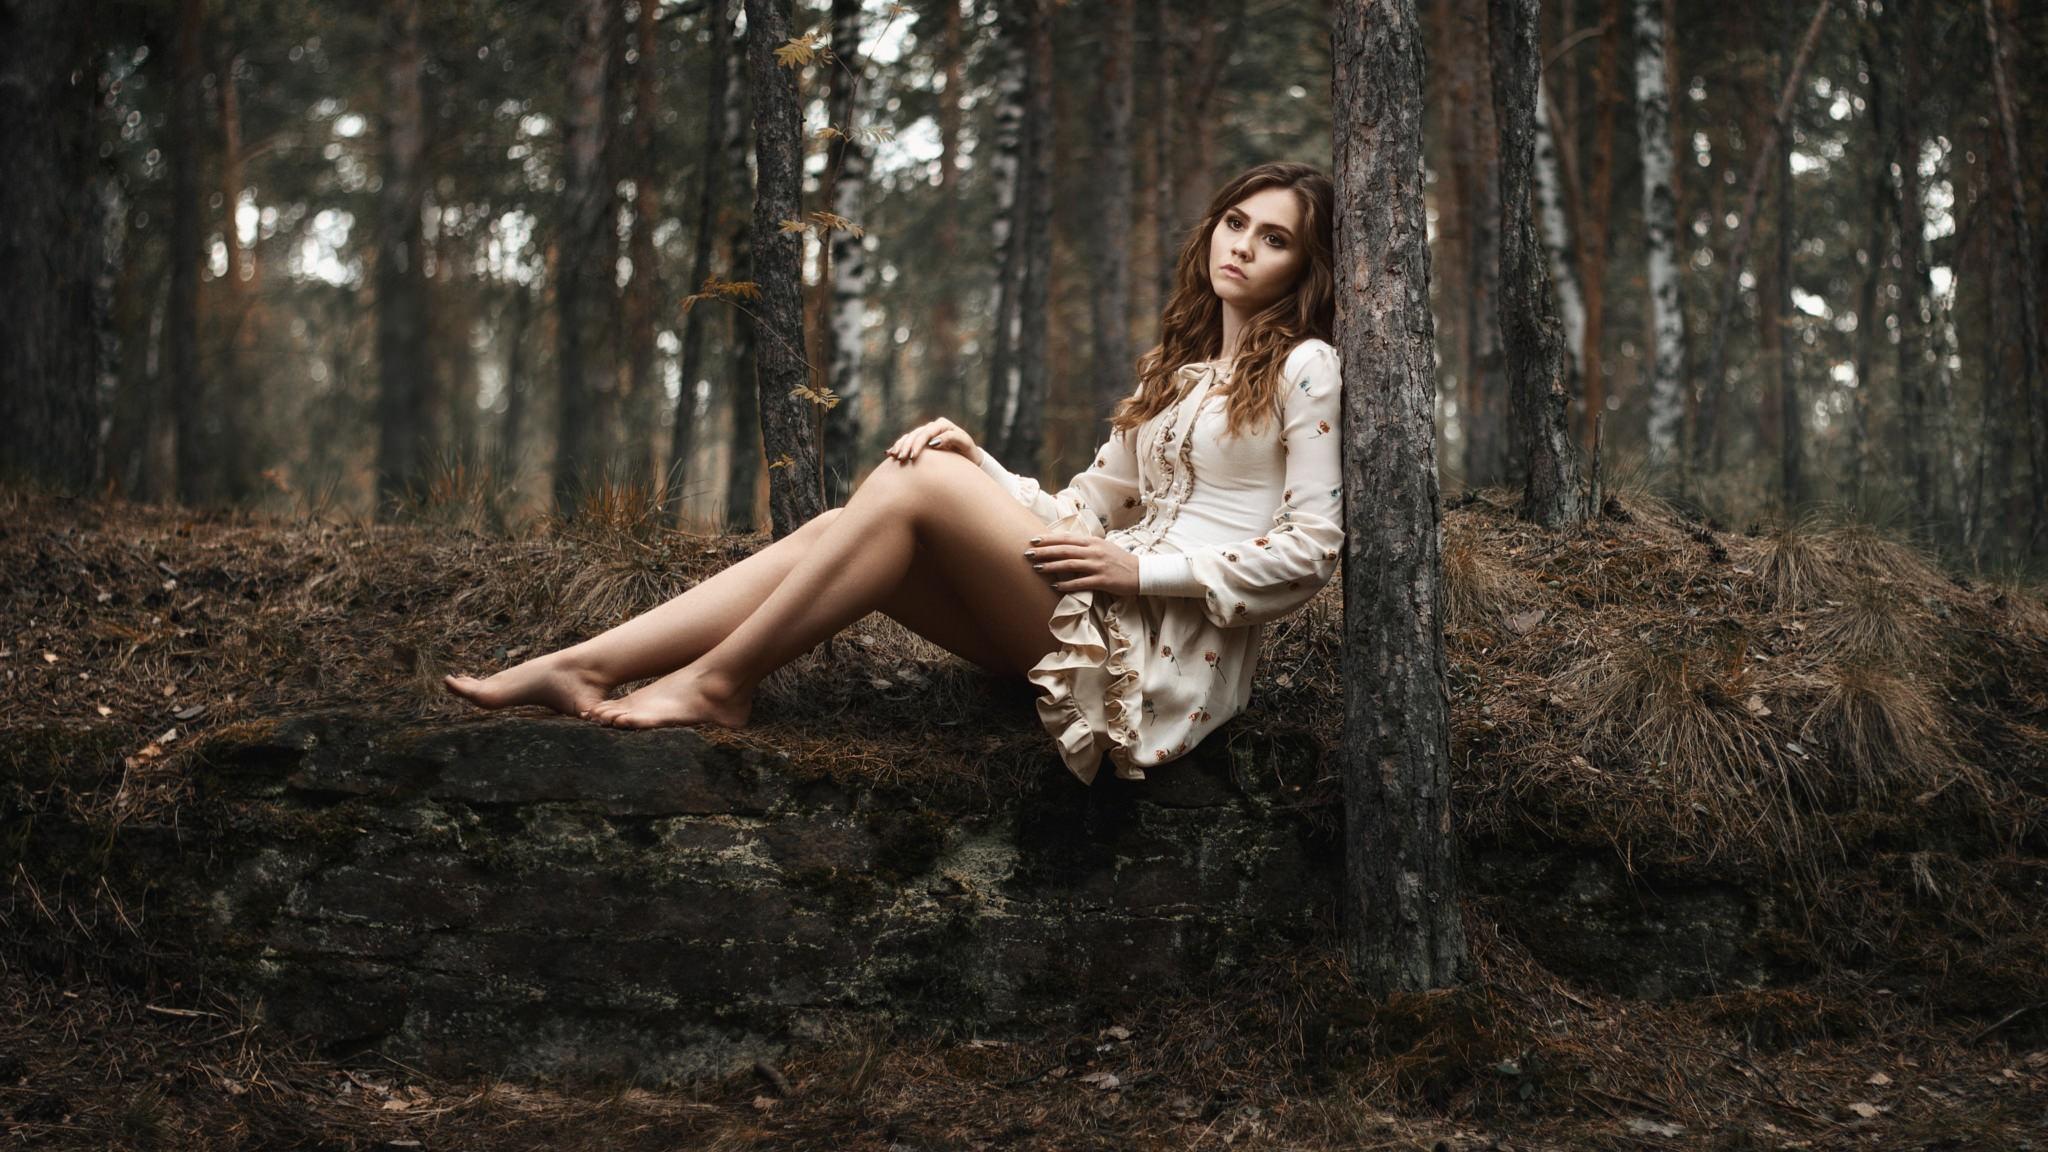 Женщина и двое мужчин делали это в лесу заросшие телки